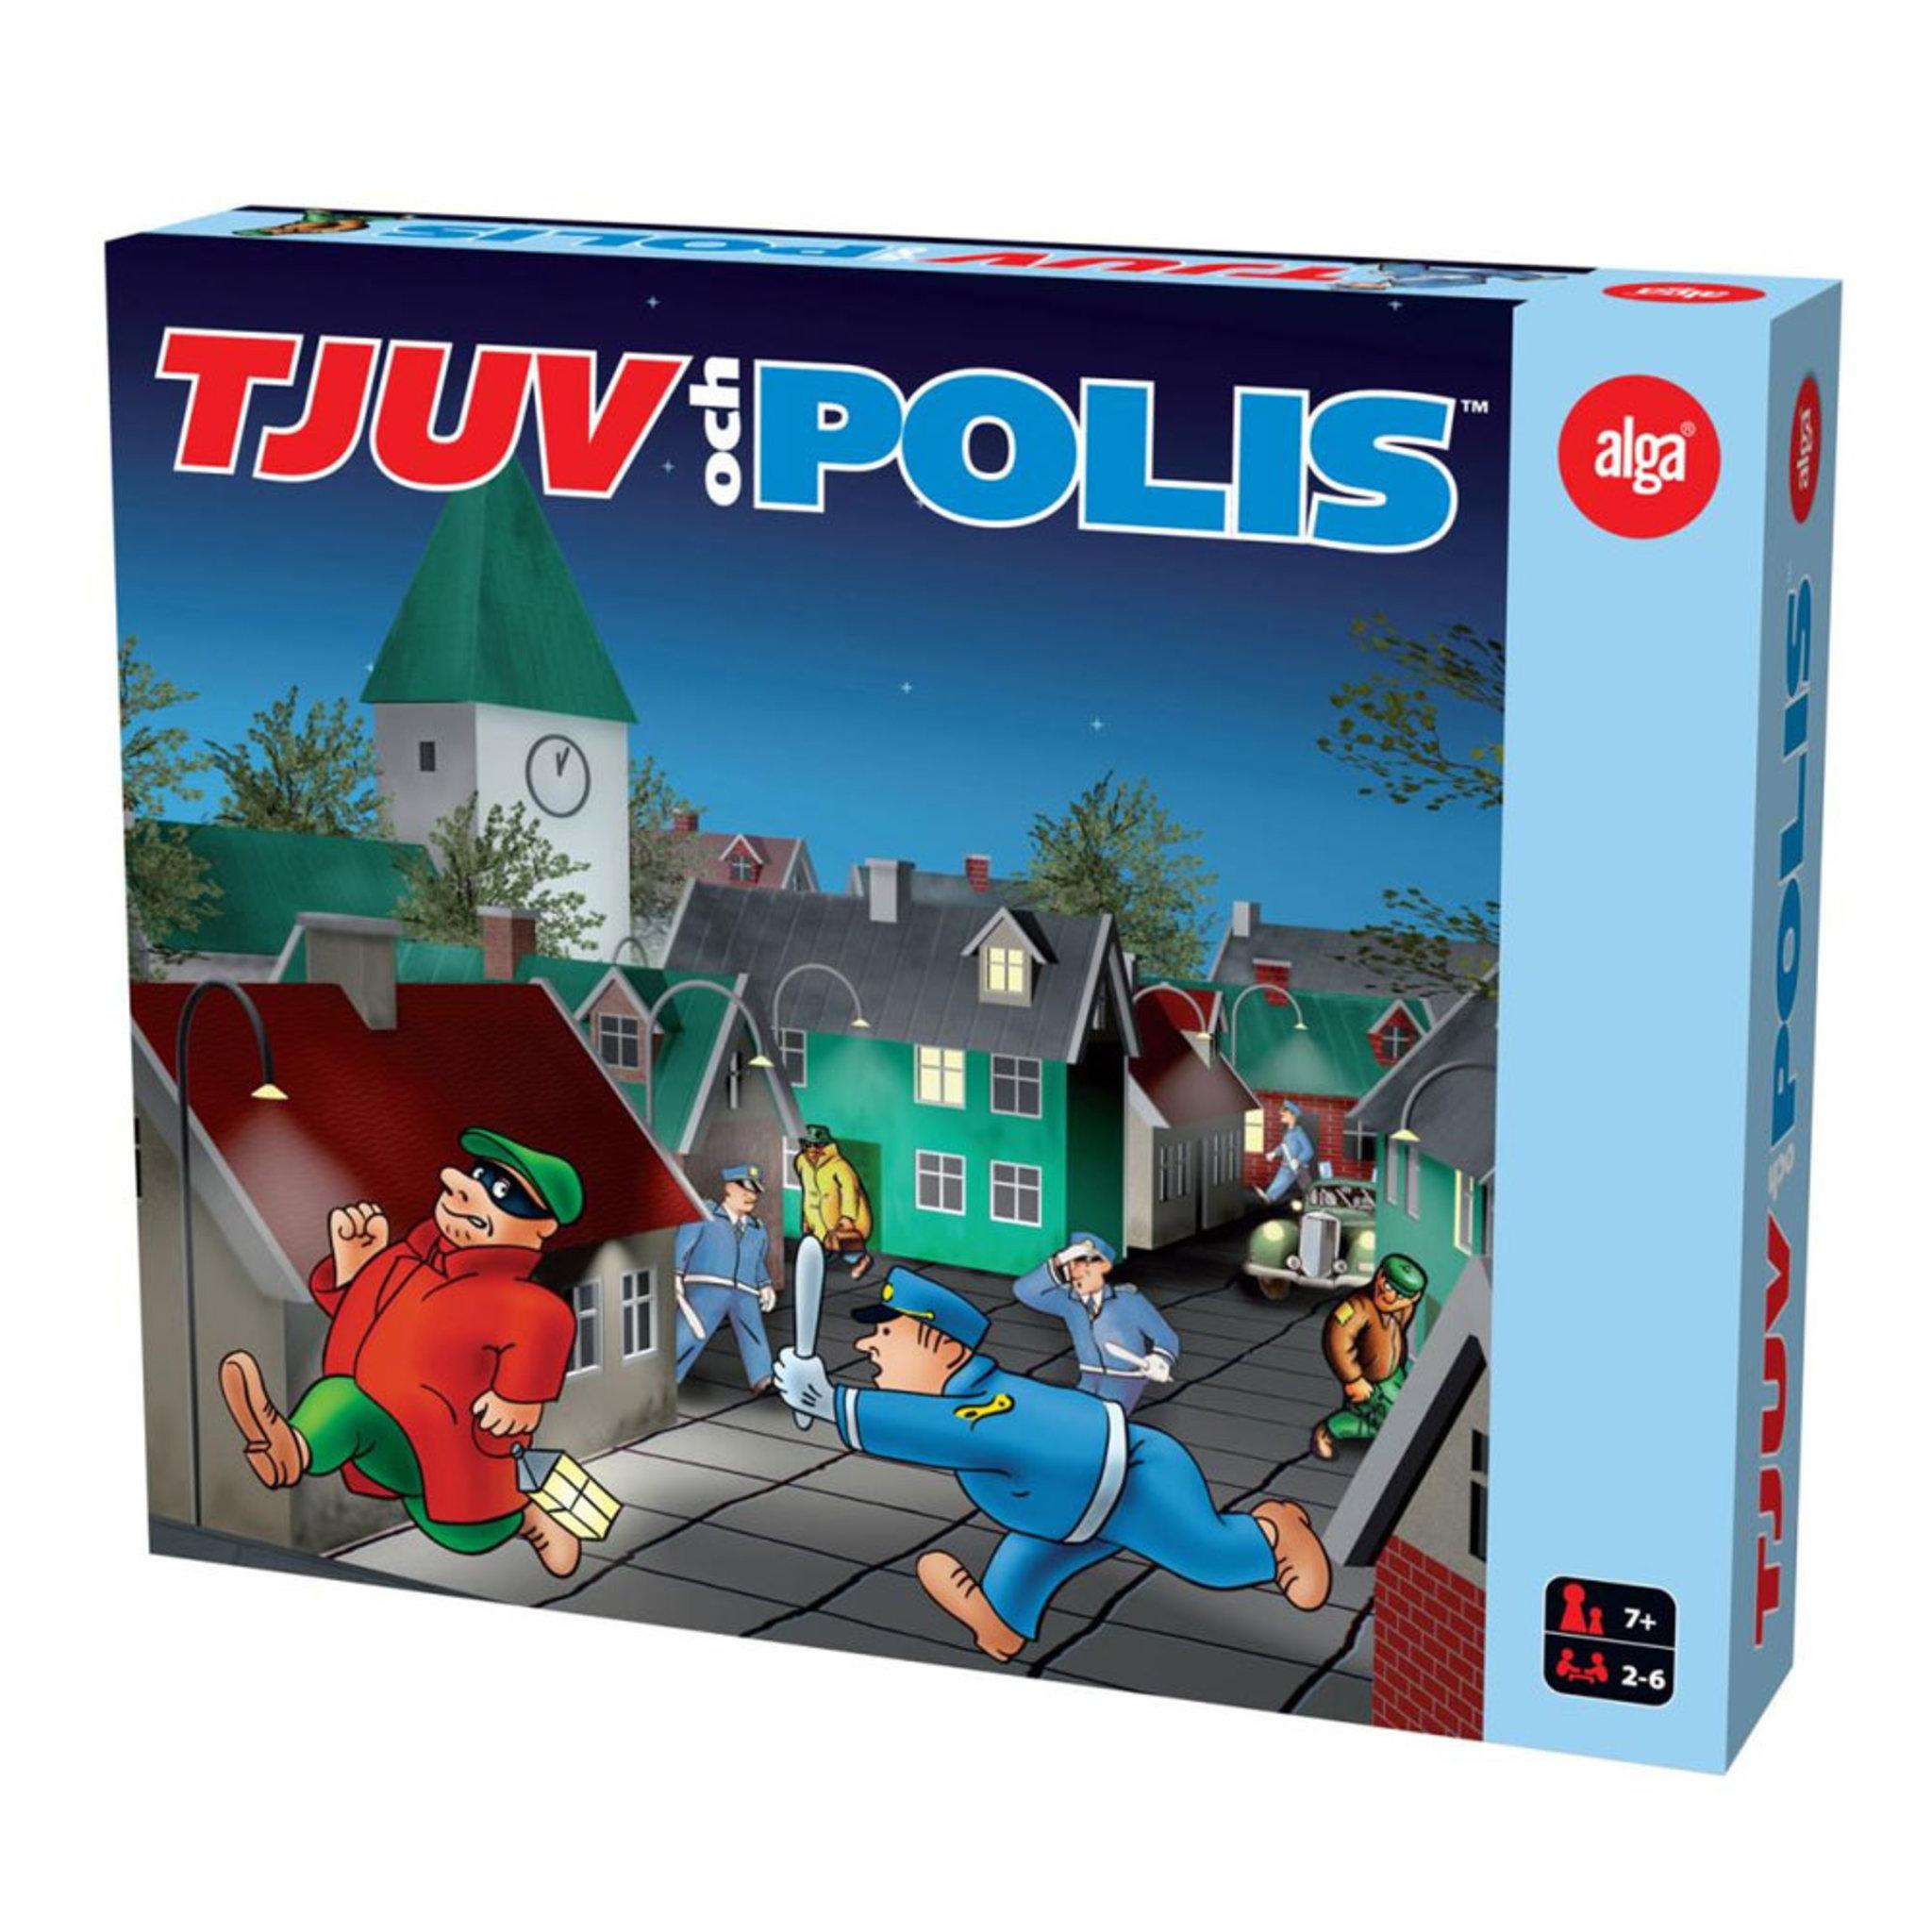 Tjuv & Polis